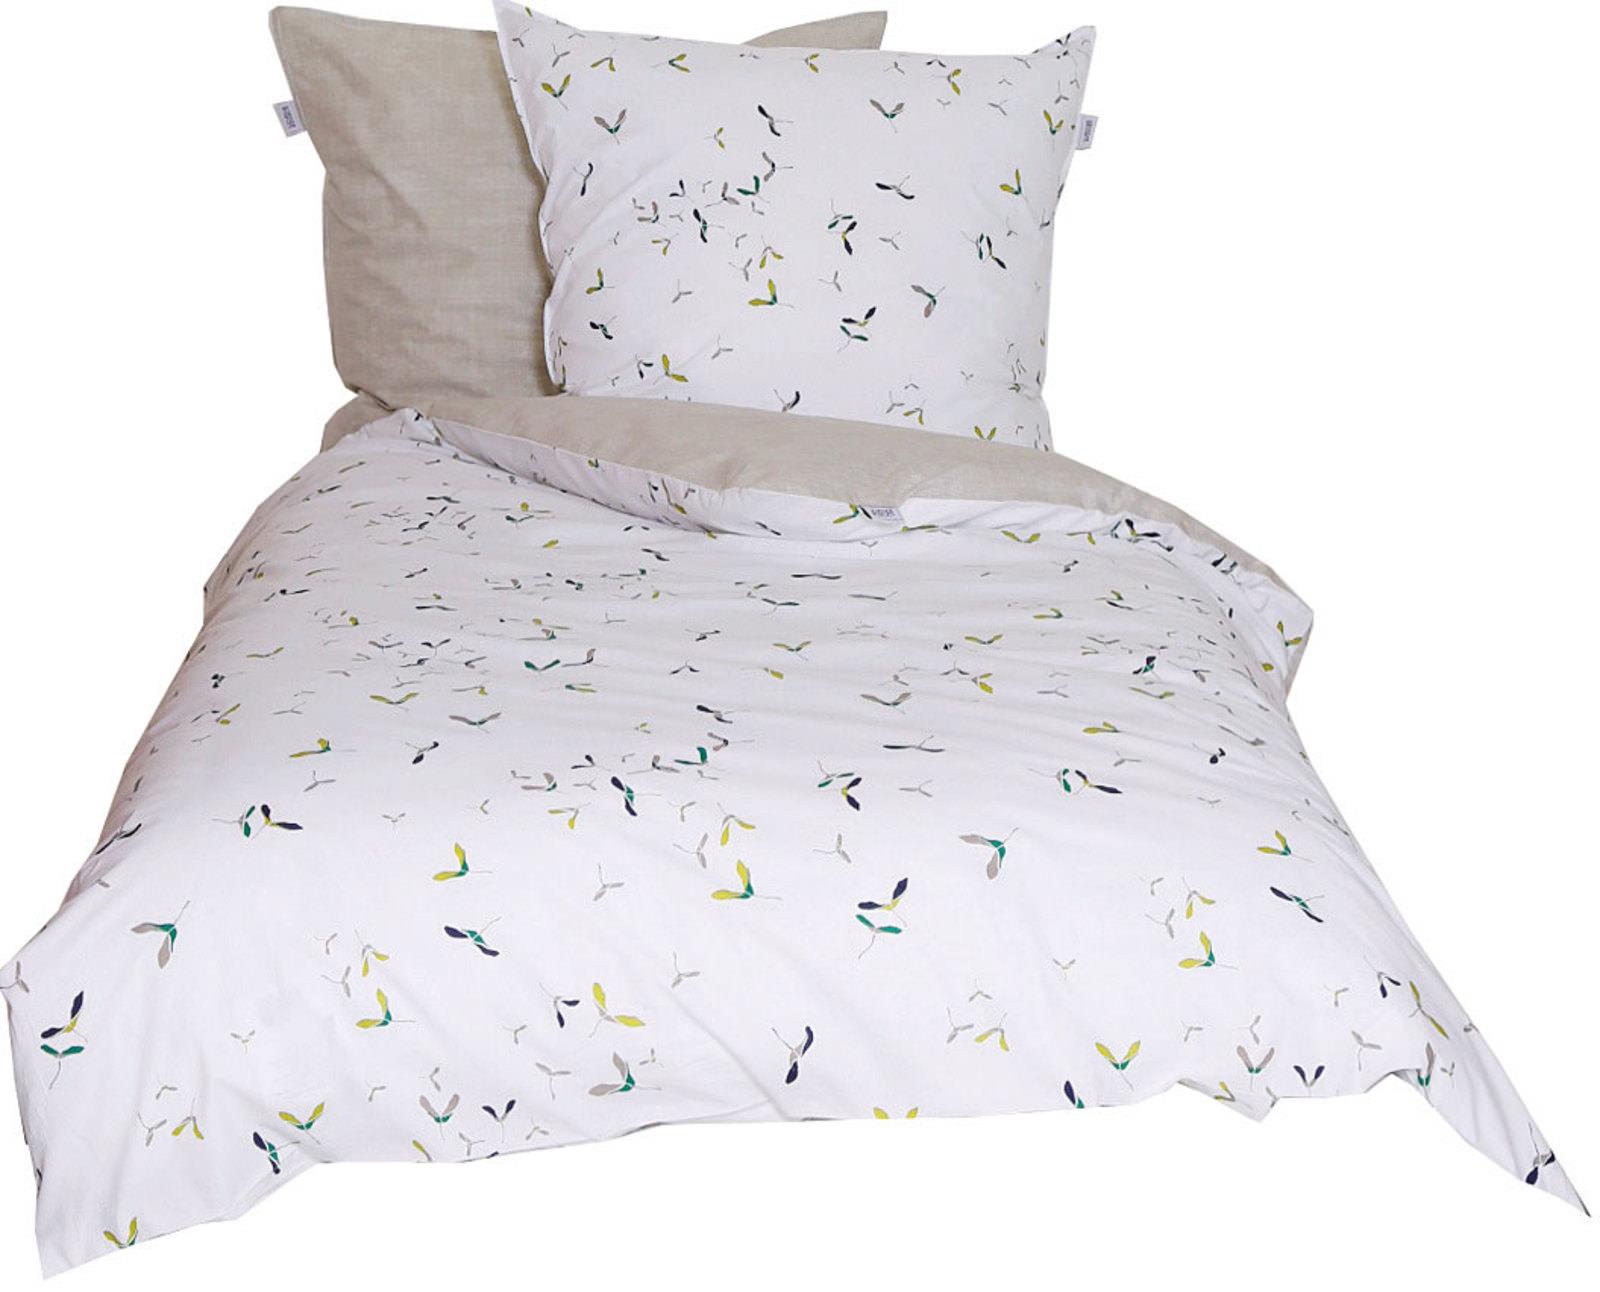 sch ner wohnen sch ner wohnen bettw sche gr n online. Black Bedroom Furniture Sets. Home Design Ideas